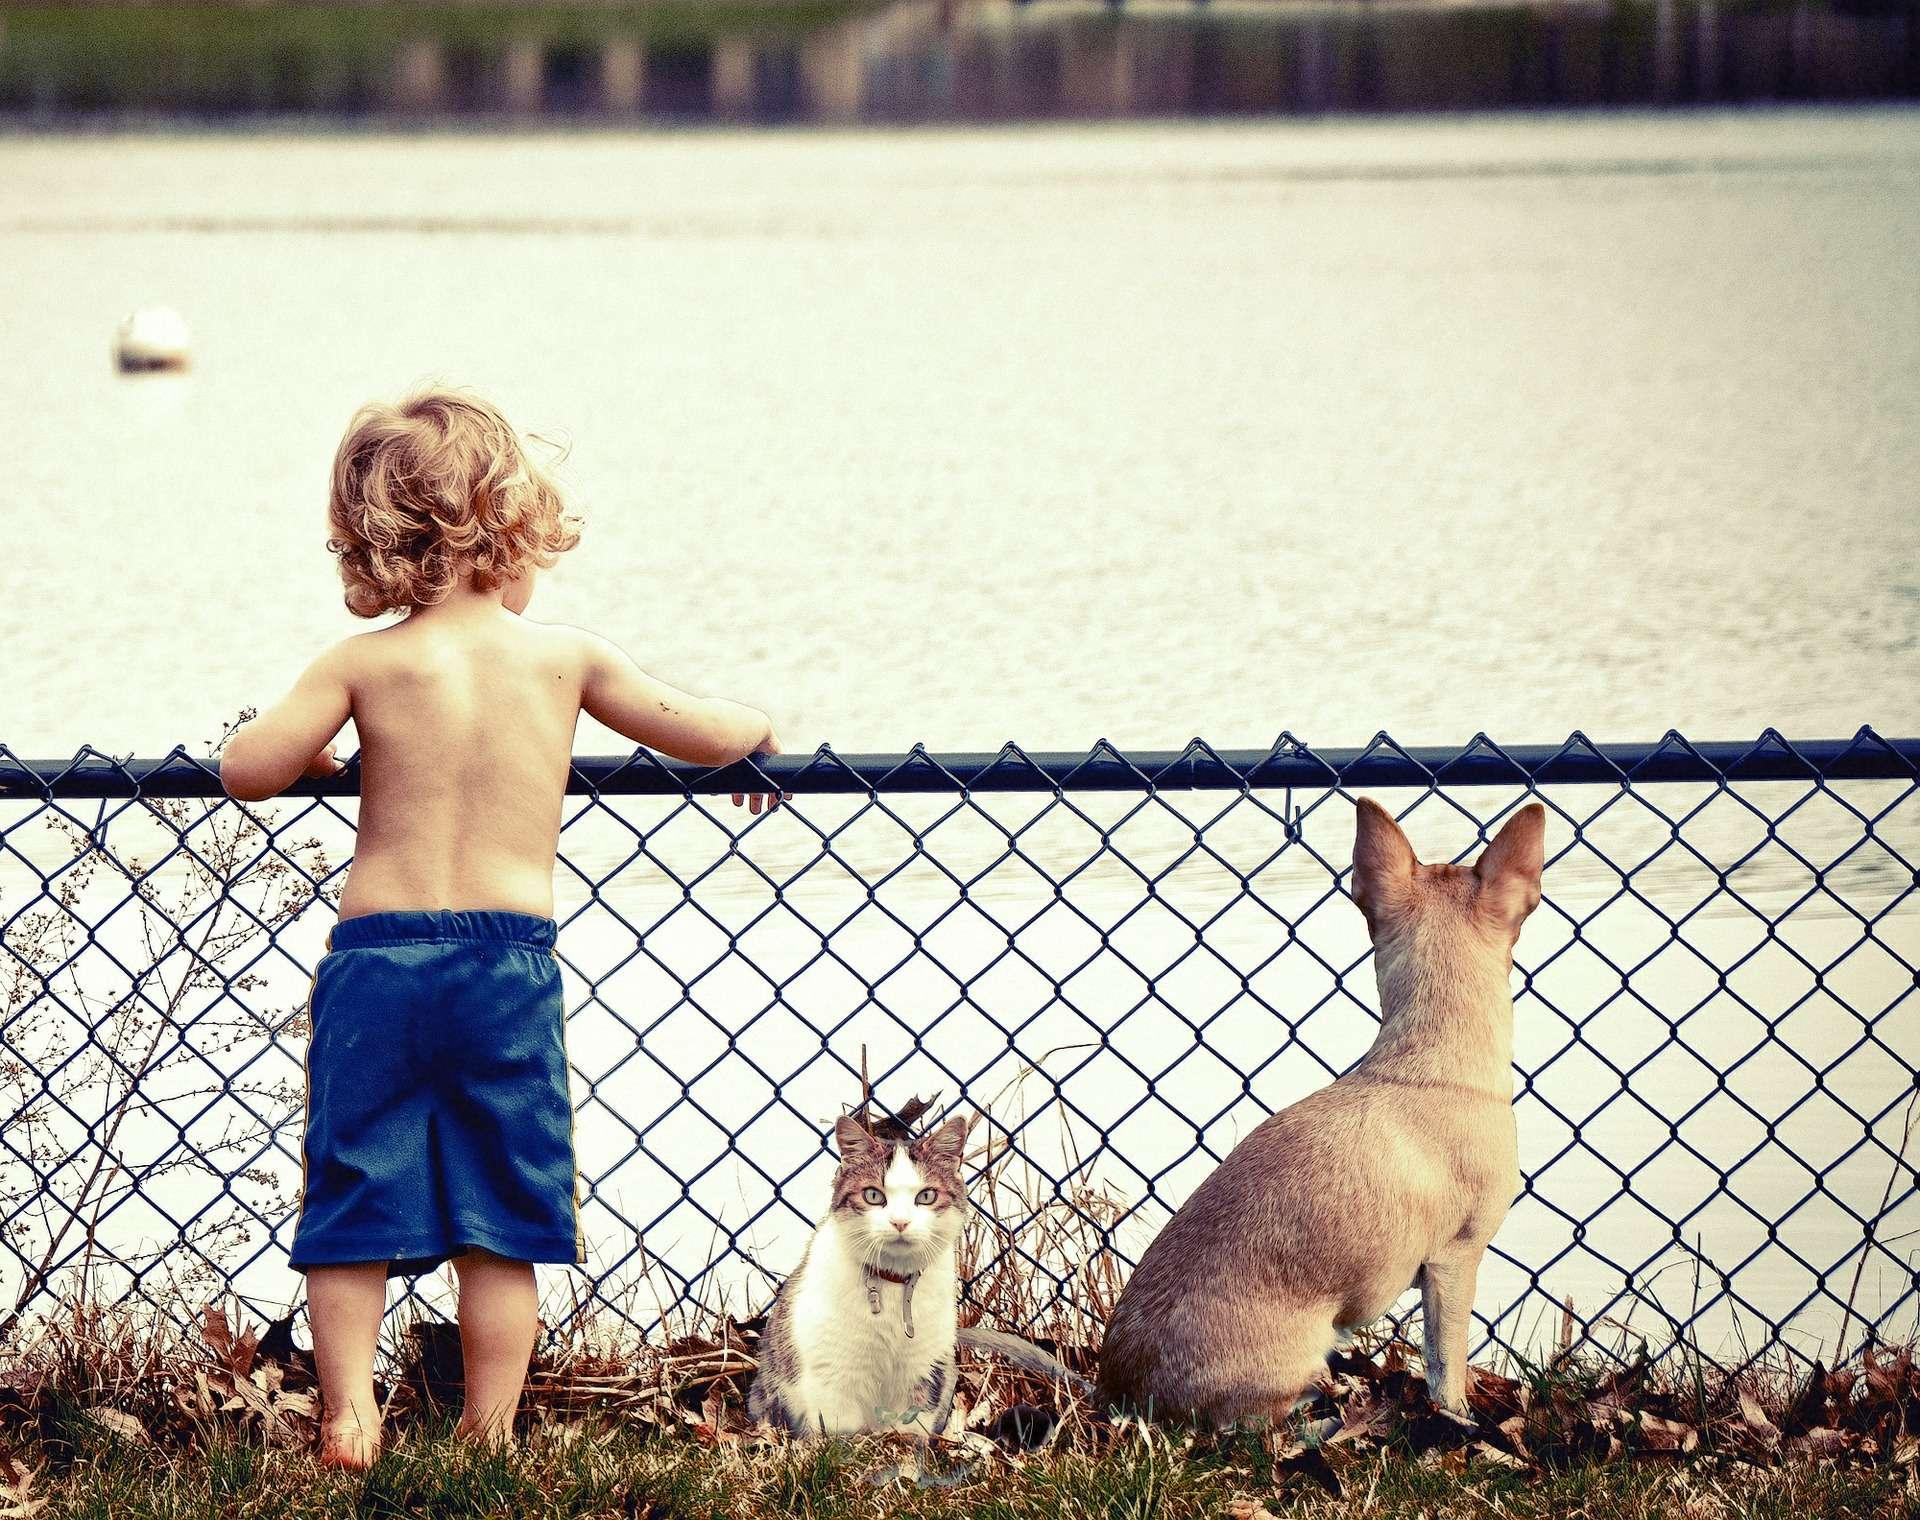 Lorsqu'il est stressé, un chat a besoin de son humain pour se sentir en sécurité. © The Pixelman, Pixabay